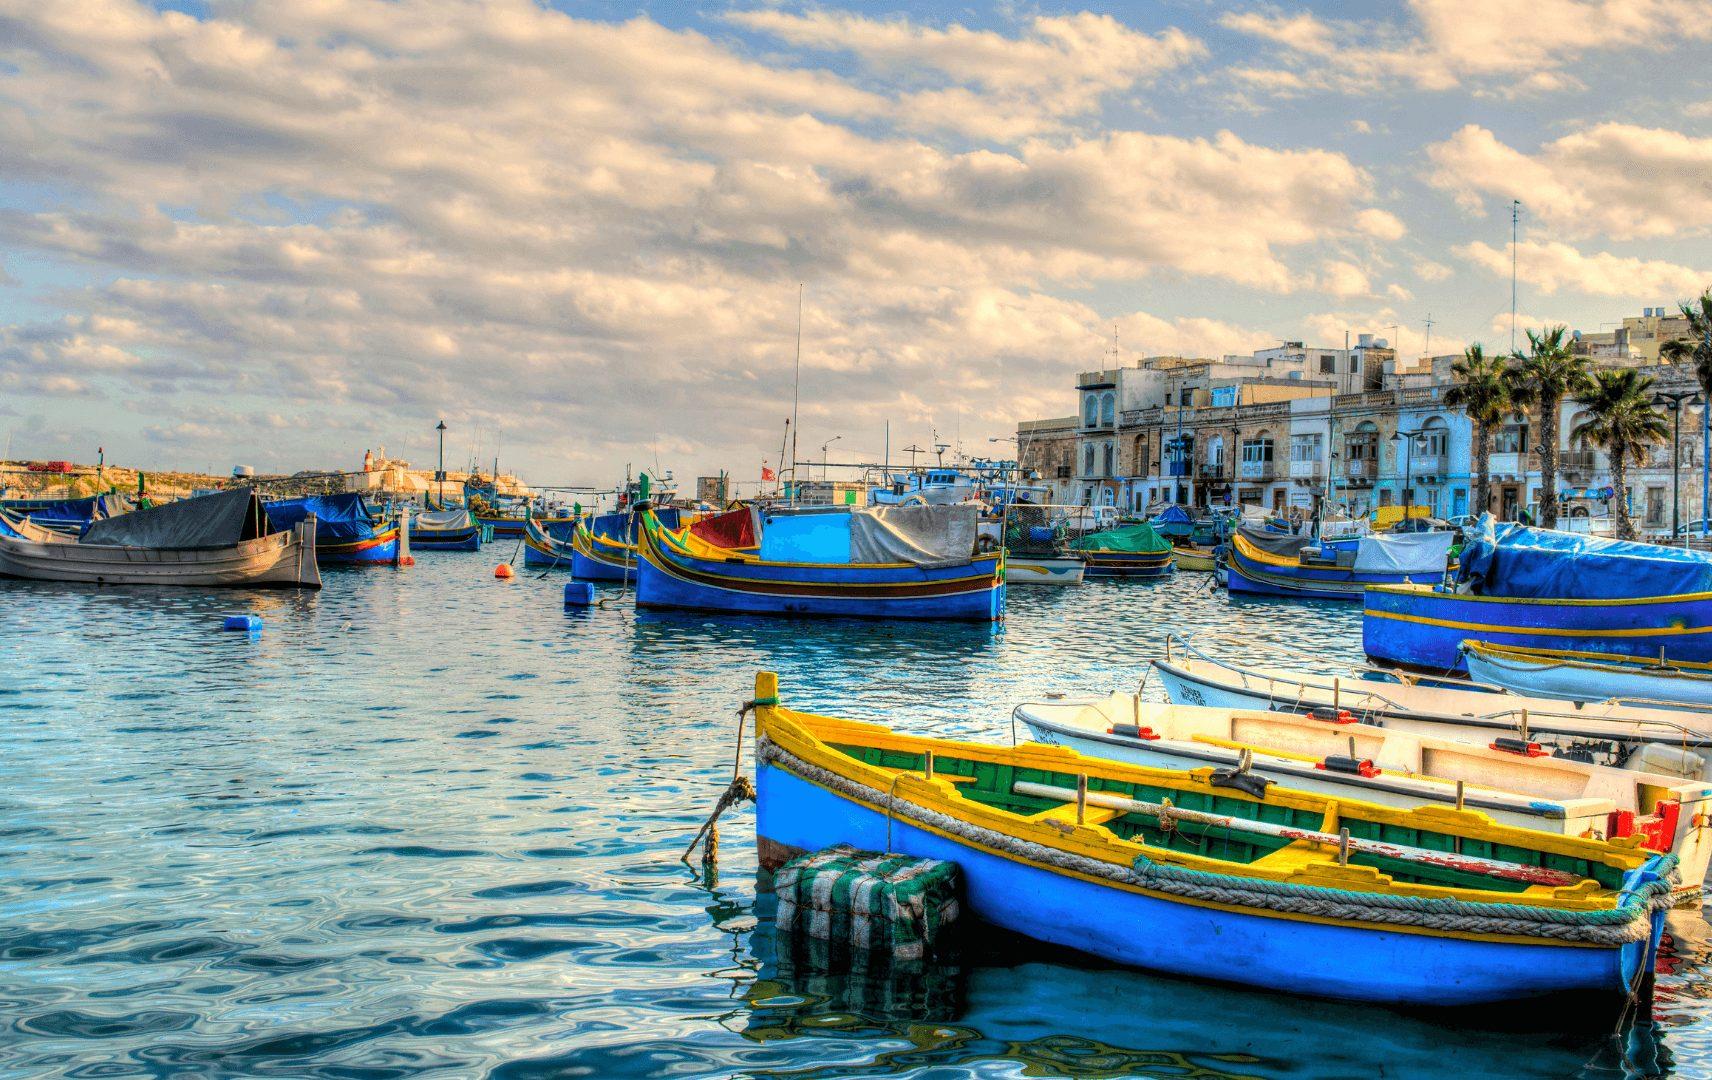 bunte Fischerboote im Hafen von Malta